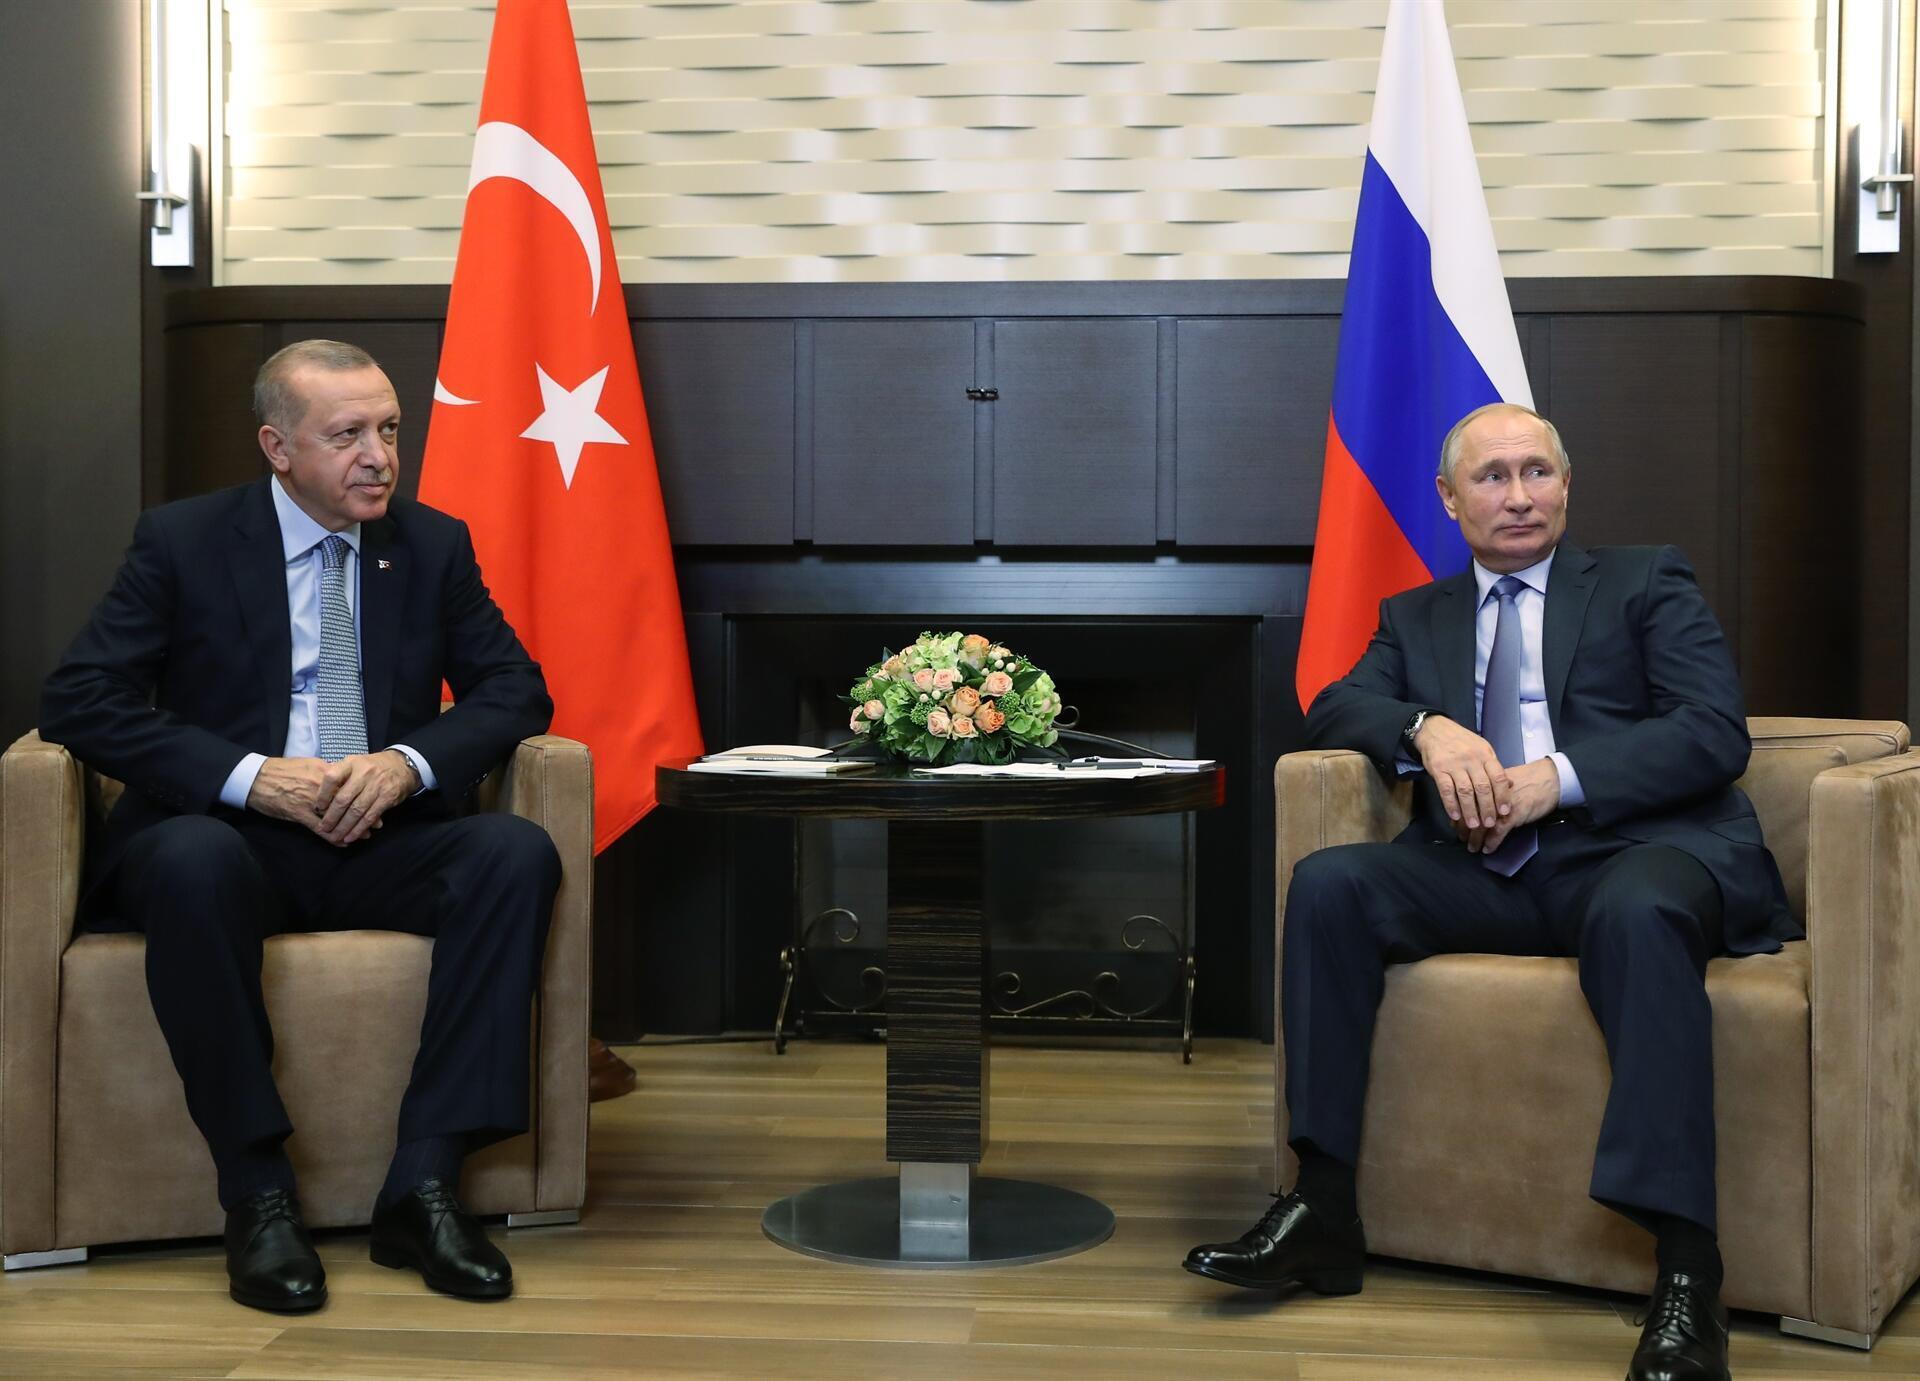 Putin y Erdogan llaman a cumplir plenamente los acuerdos sobre Siria